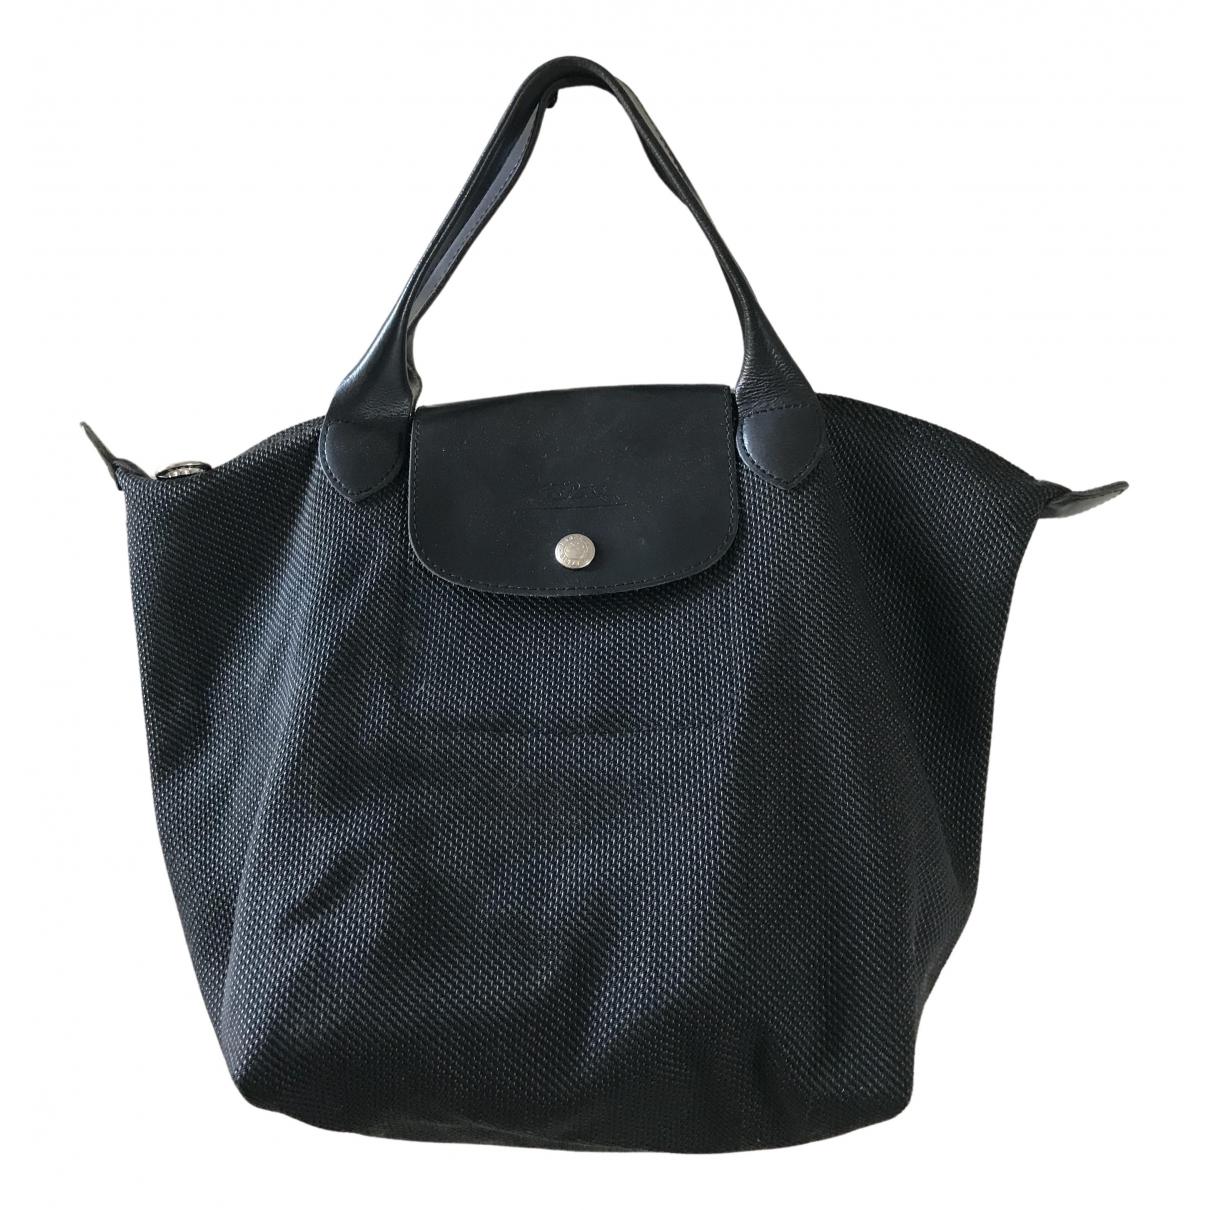 Longchamp - Sac a main   pour femme en toile - anthracite